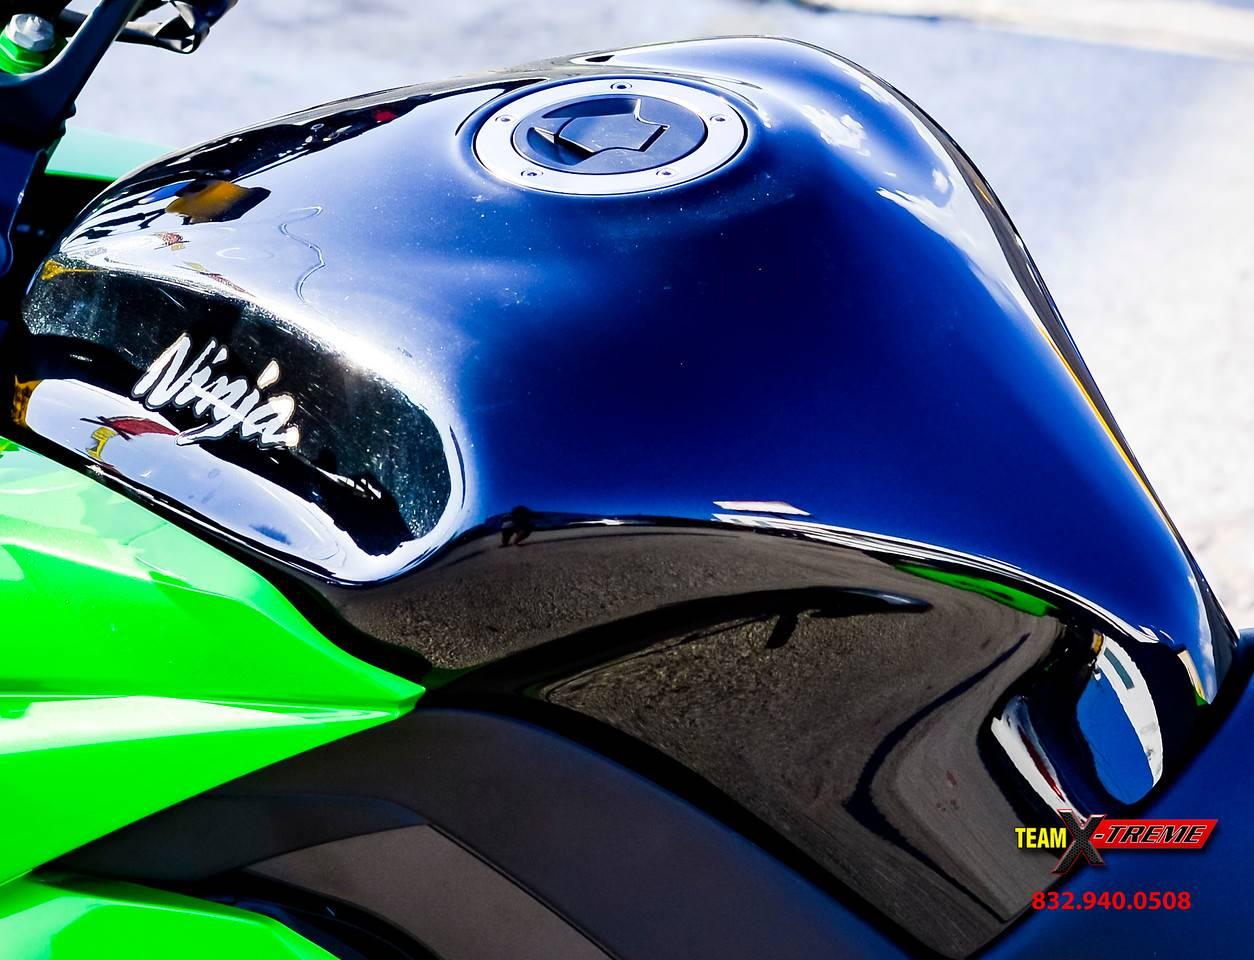 2015 Kawasaki Z1000 ABS 11